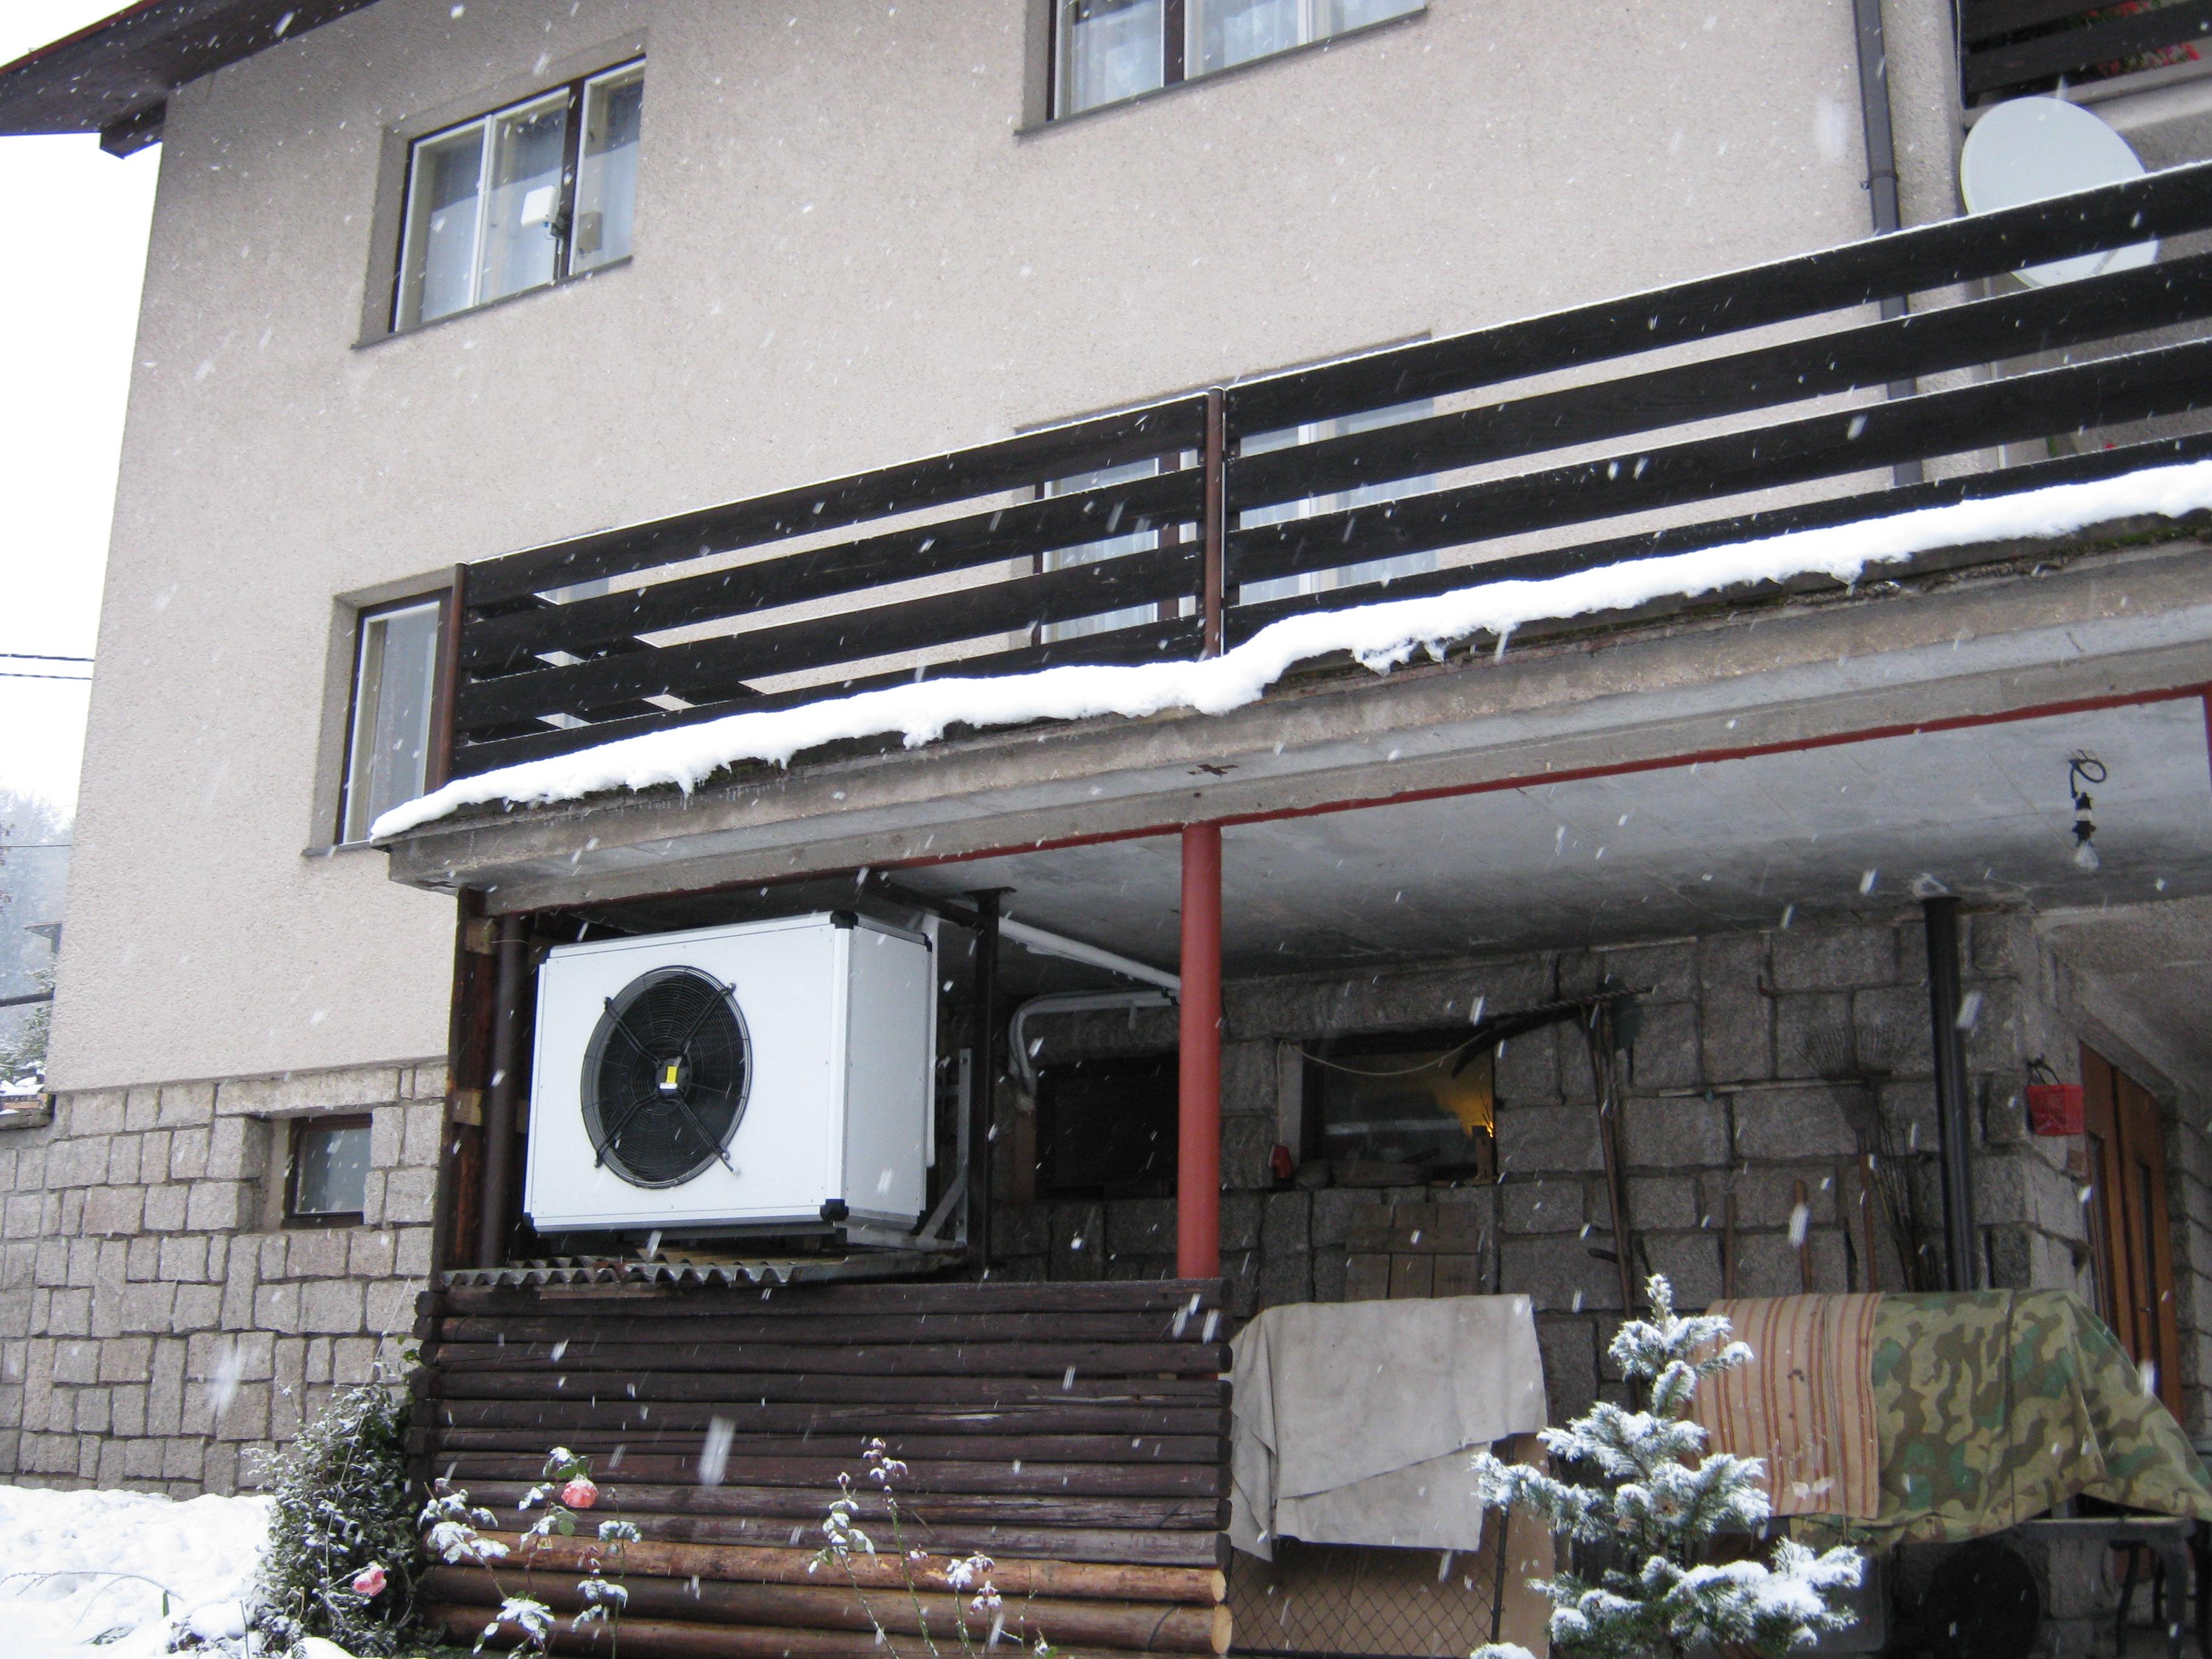 3. A už sněží a tepelné čerpadlo běží